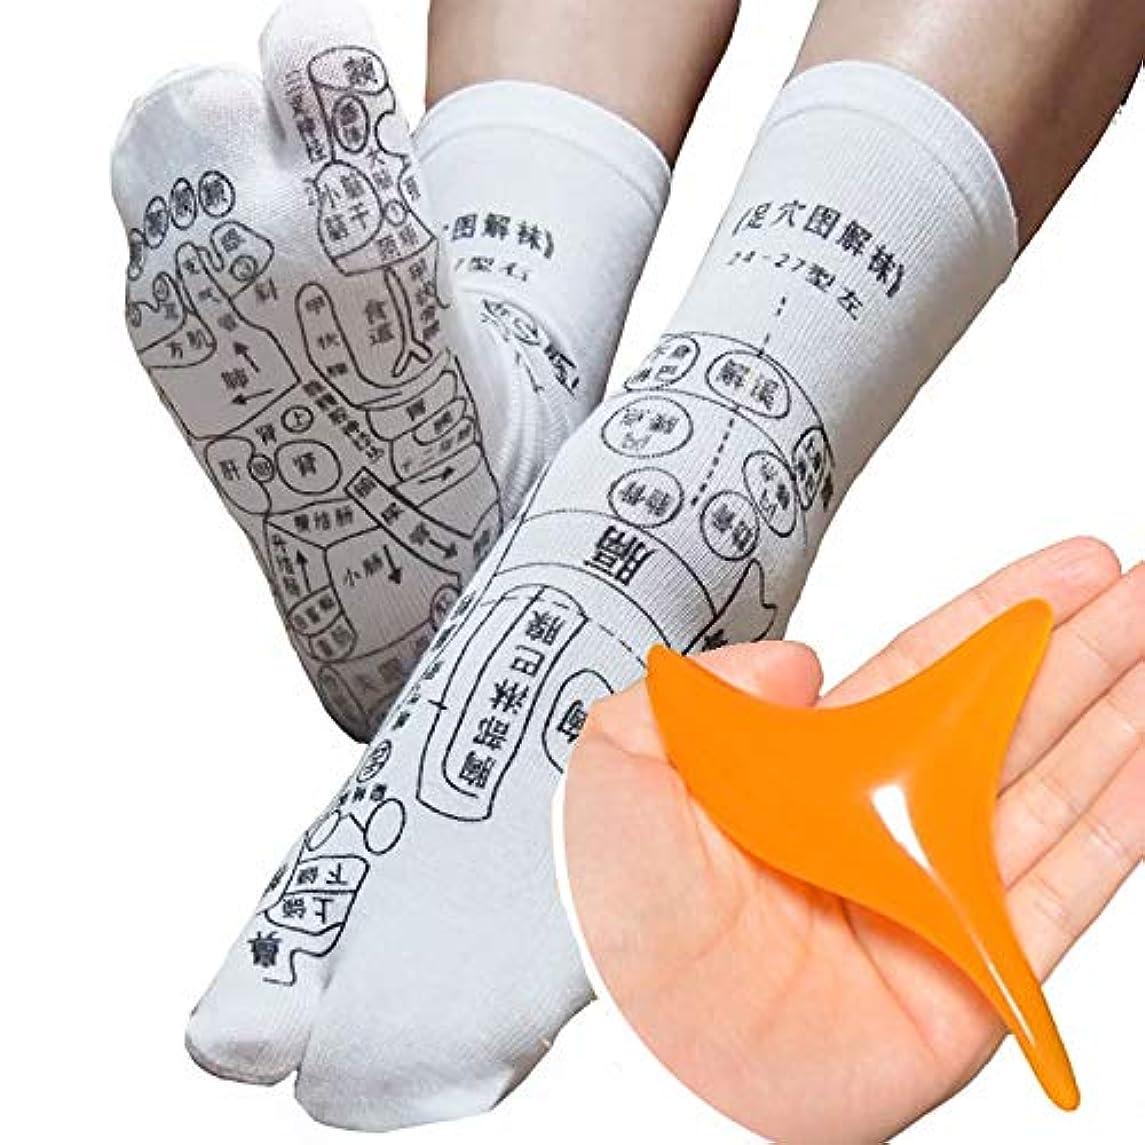 傾いた急行する信じる足全体のツボが「見える」プリントソックス オカリナ型カッサ付き 足裏つぼおしソックス 足ツボ靴下 反射区 サイズ22~26センチ 靴下の字は中国語